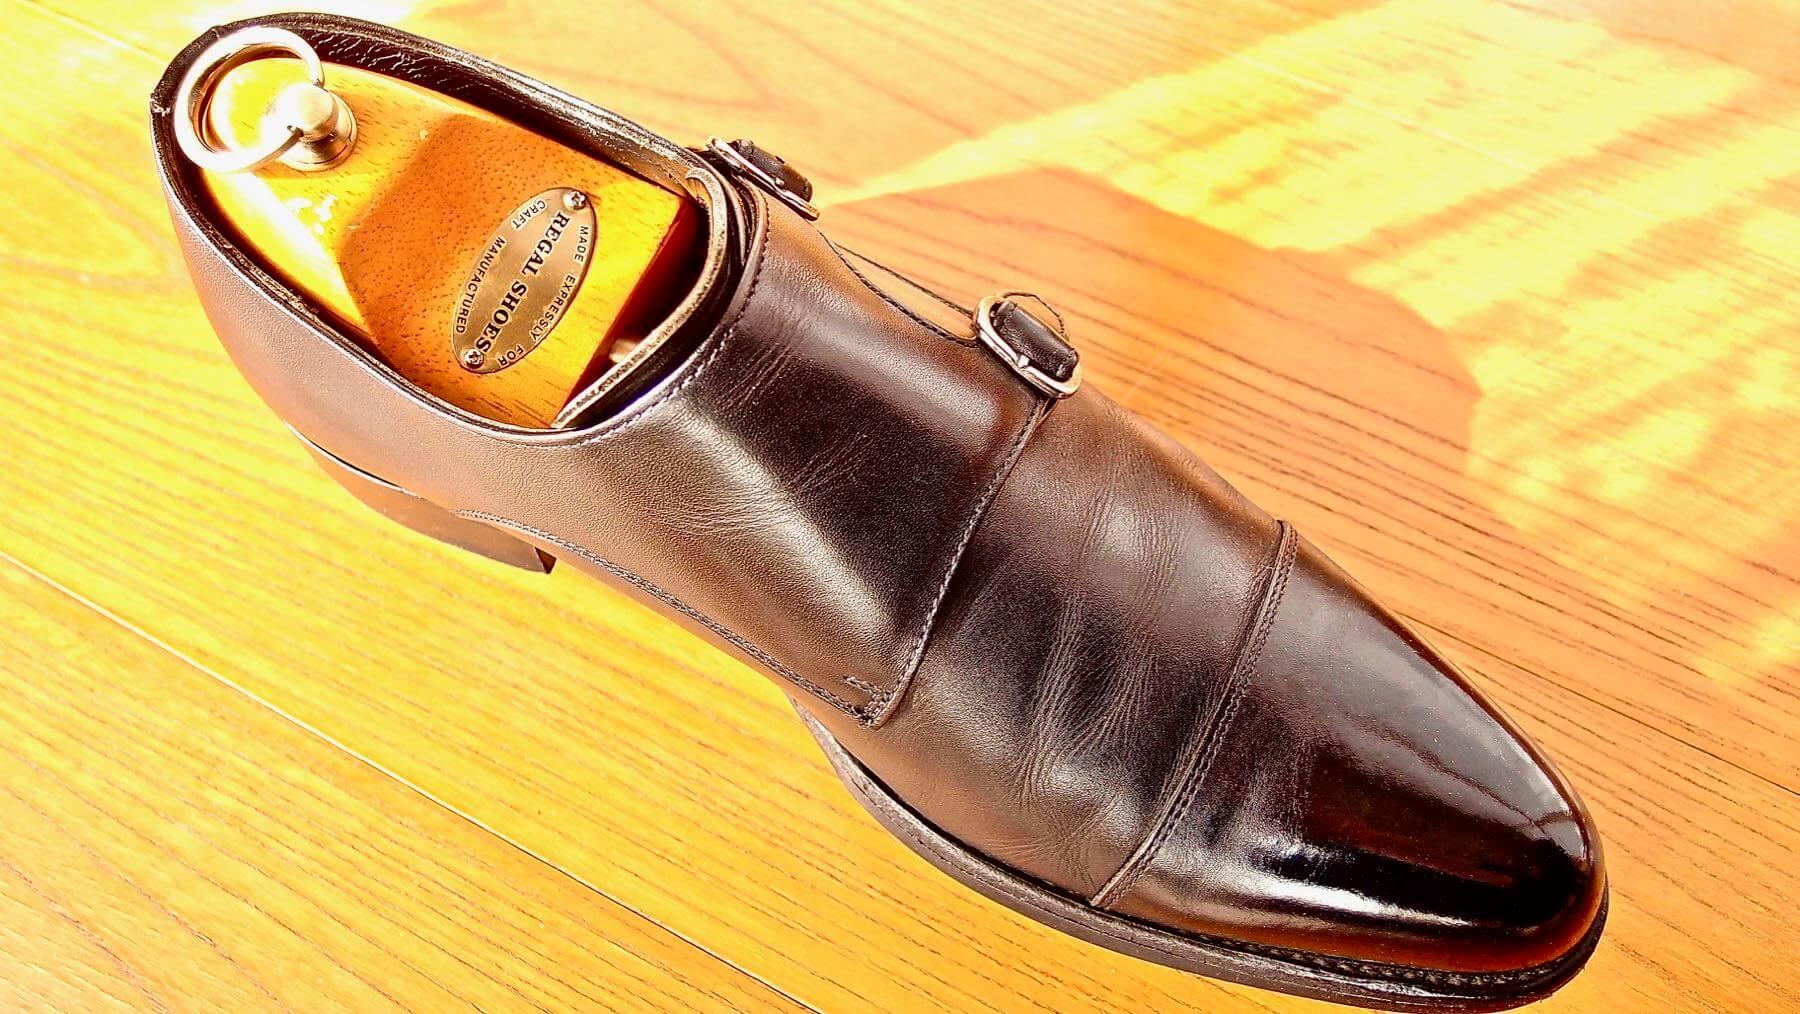 10 Shoeshine Honpo Day menu Menu care  shine